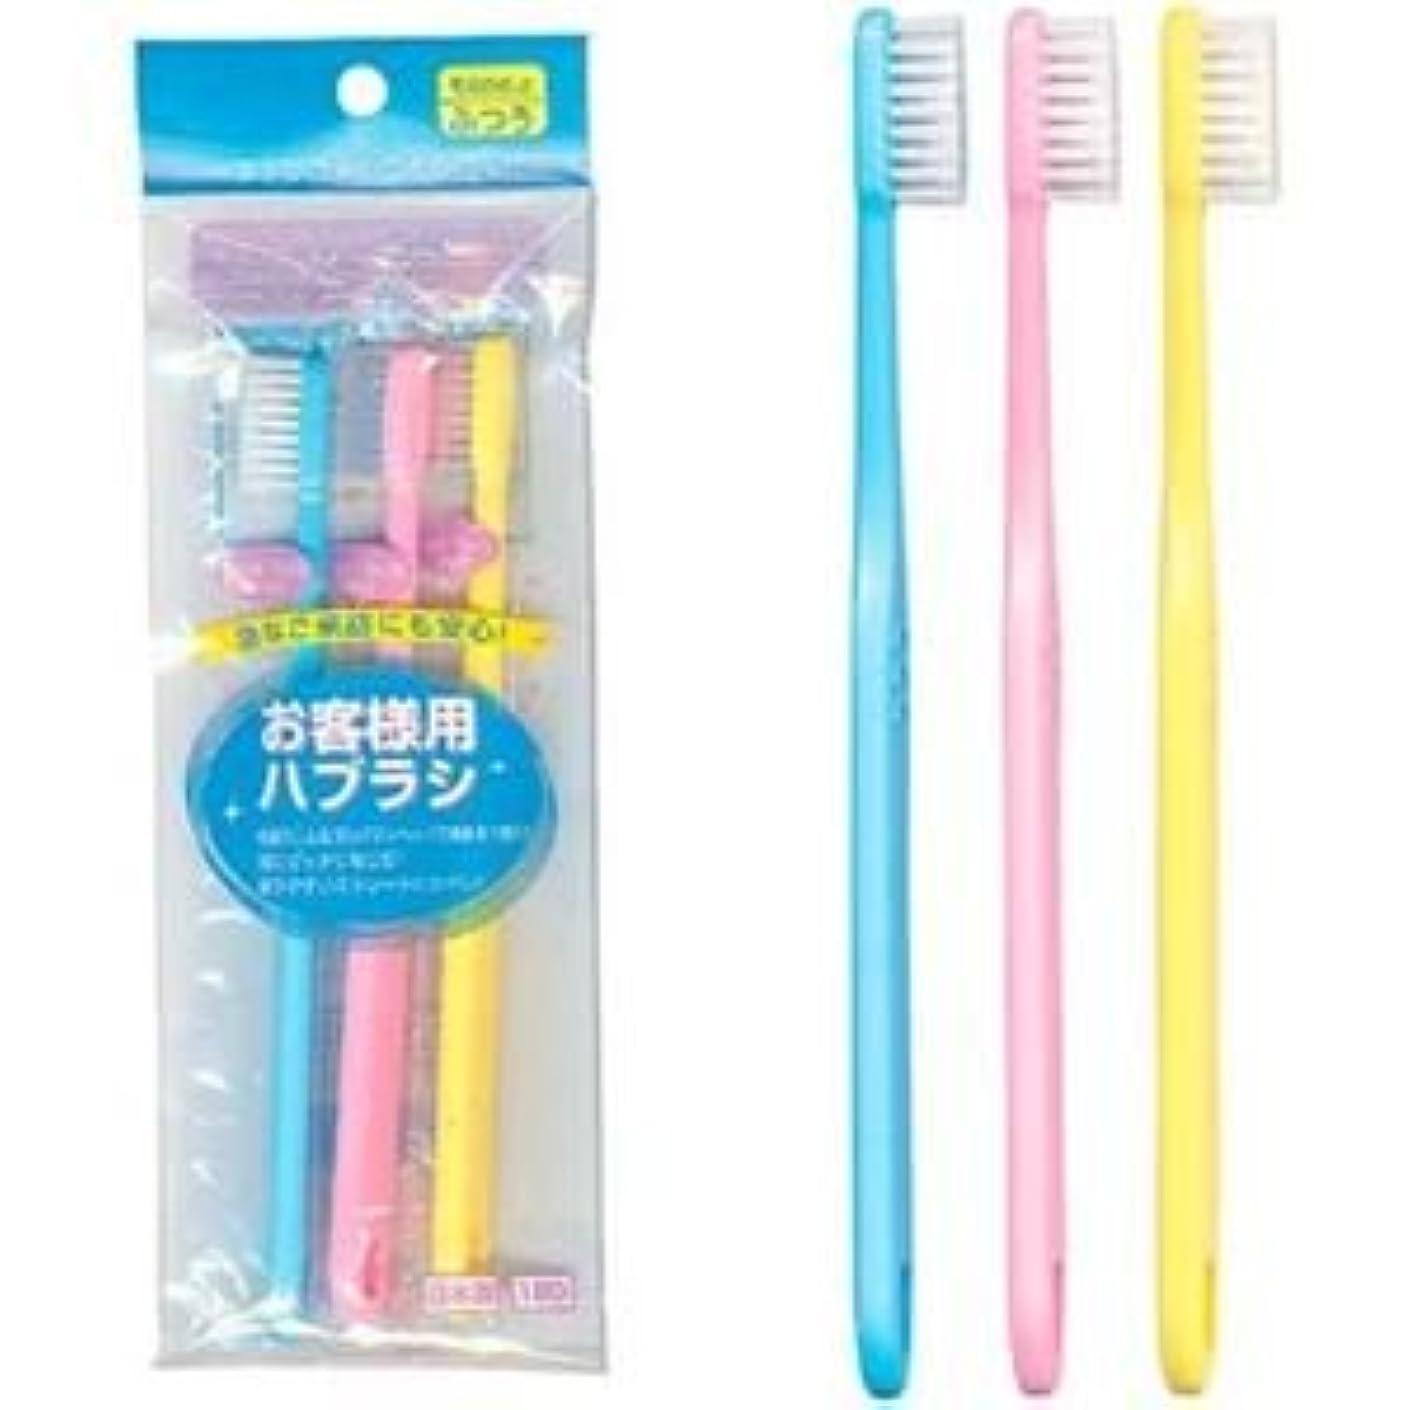 ネコシュート用量お客様用歯ブラシ(3P) 【12個セット】 41-006